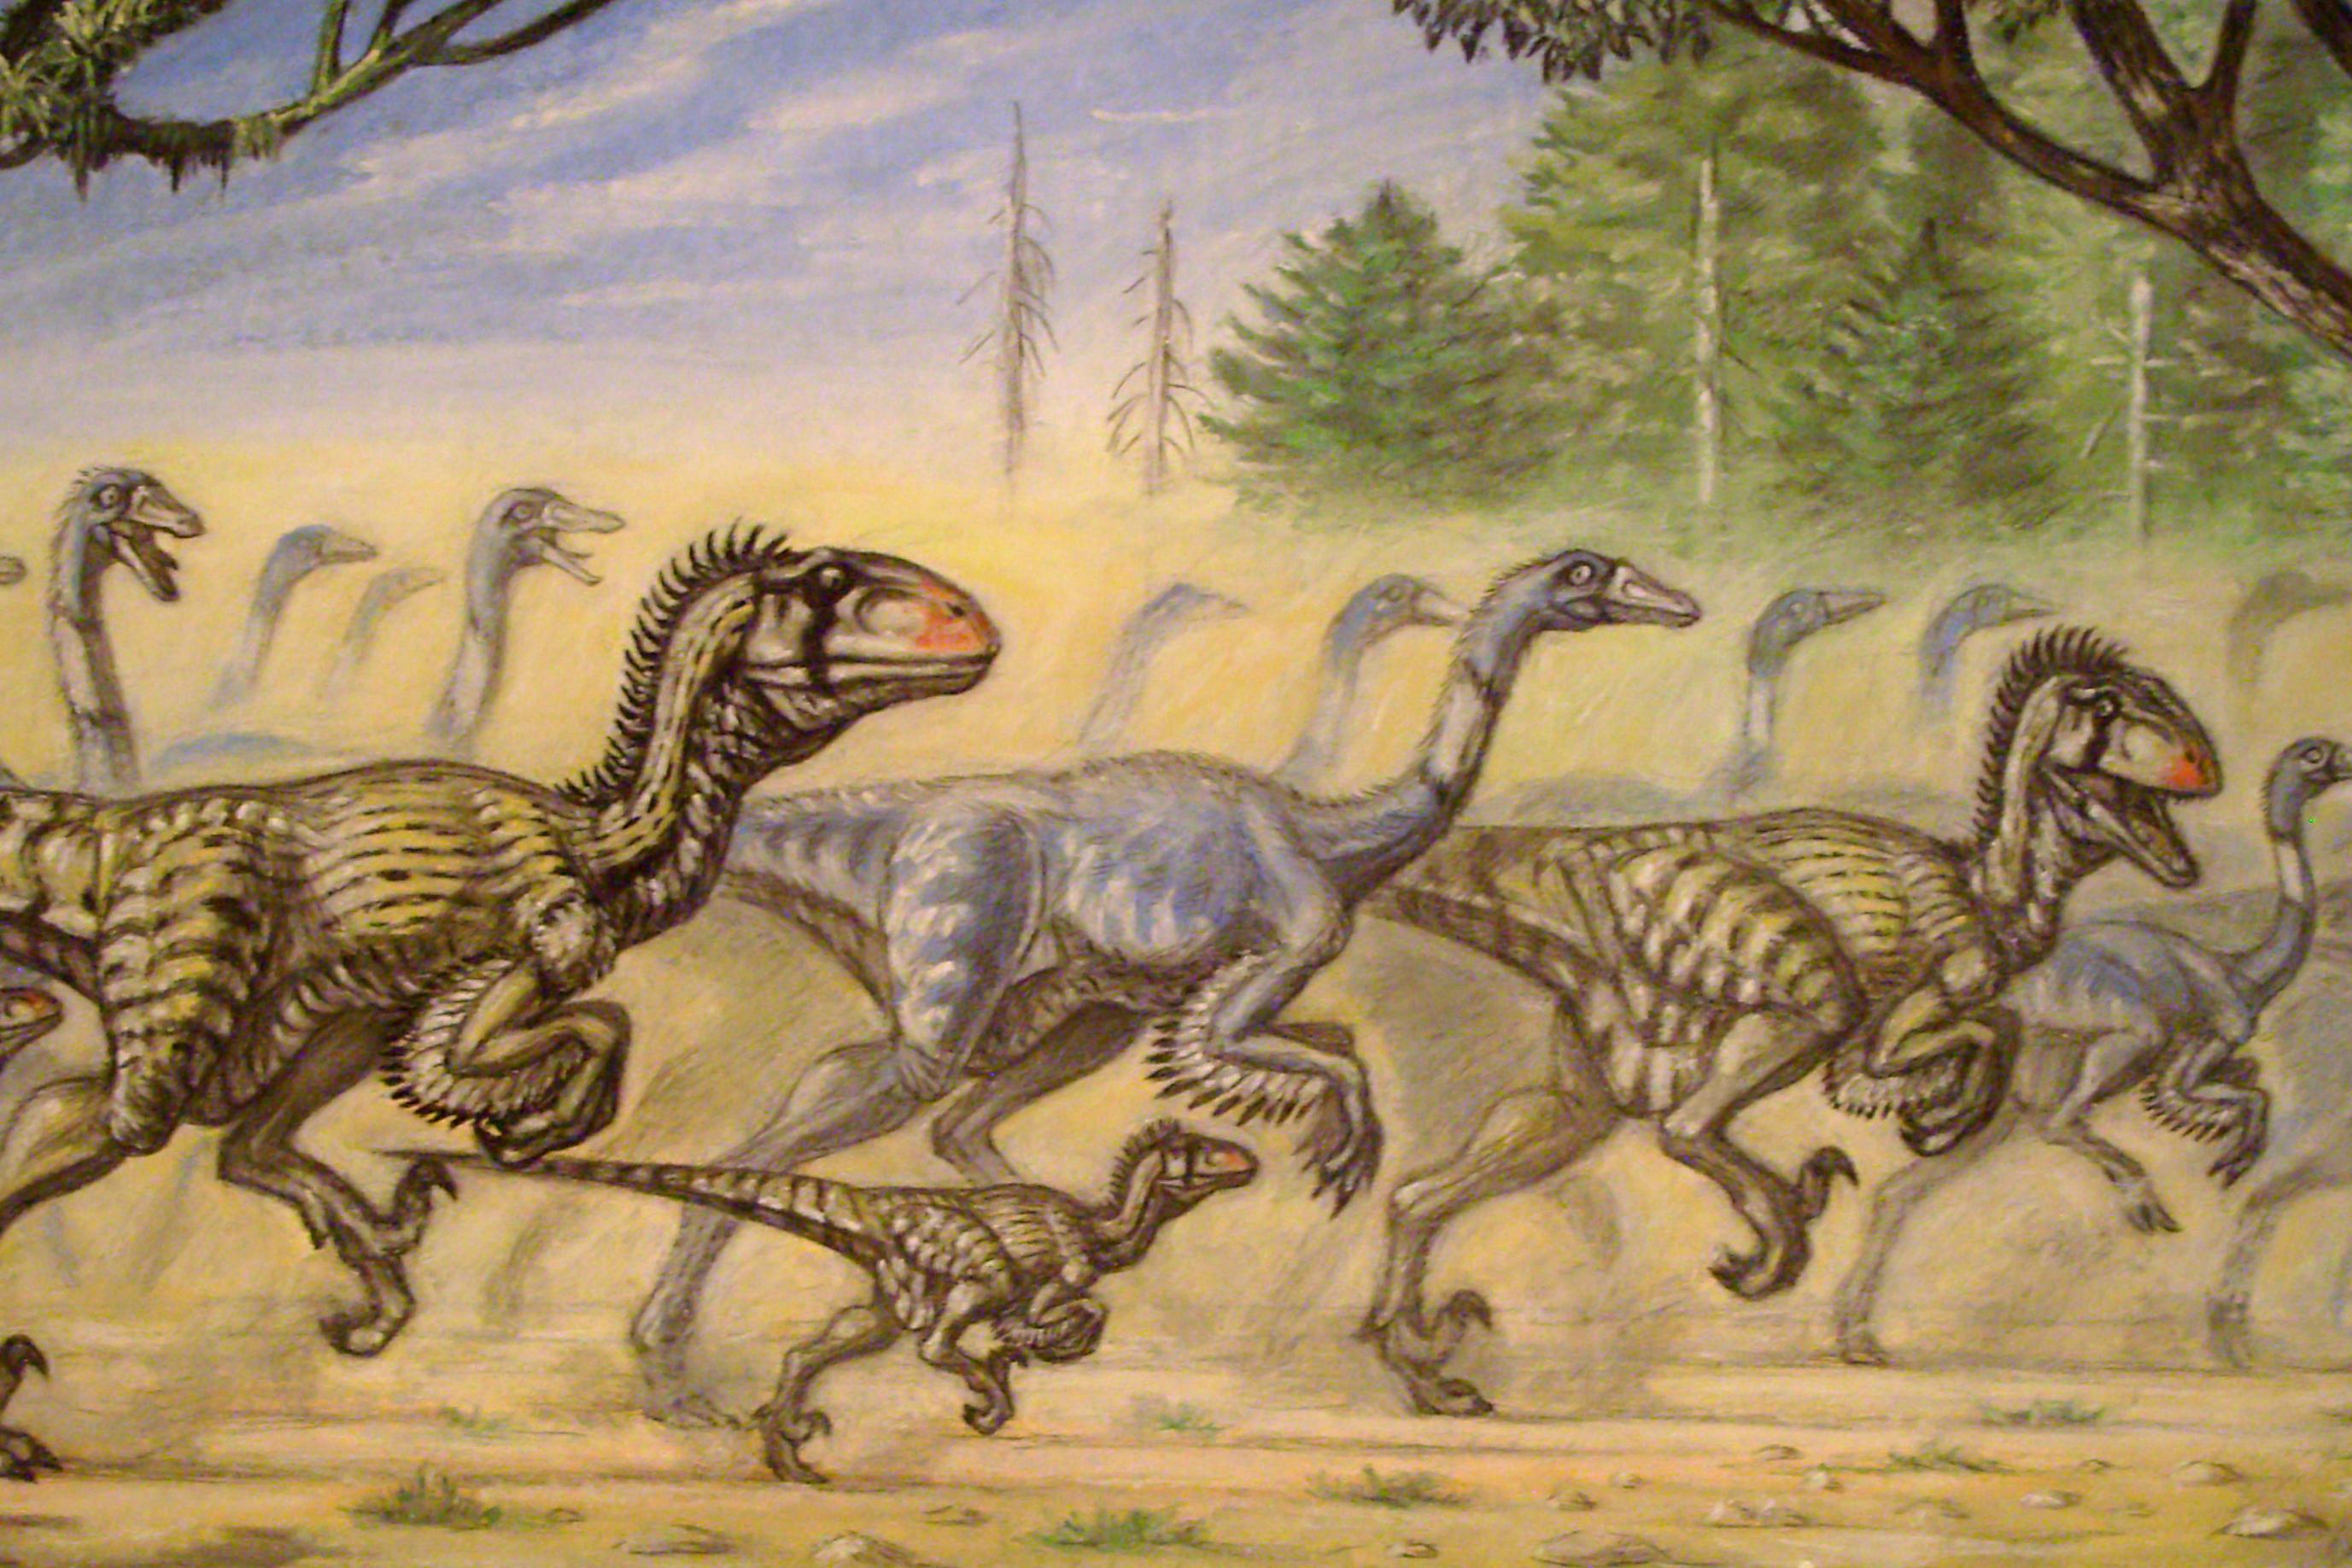 De Verdad Cazaban En Grupo Los Dinosaurios El reino animal, características y clasificaciones. la razon